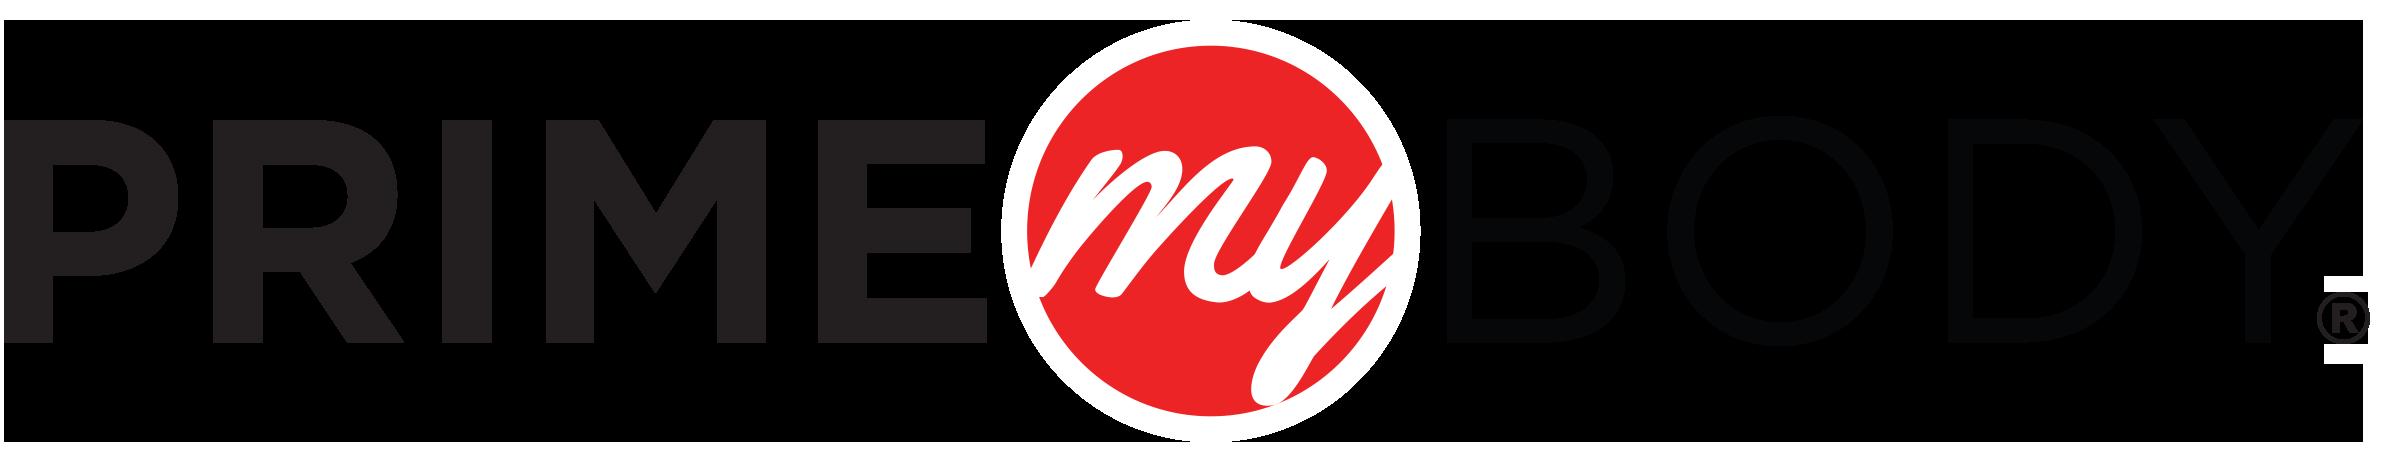 logo-dark.png